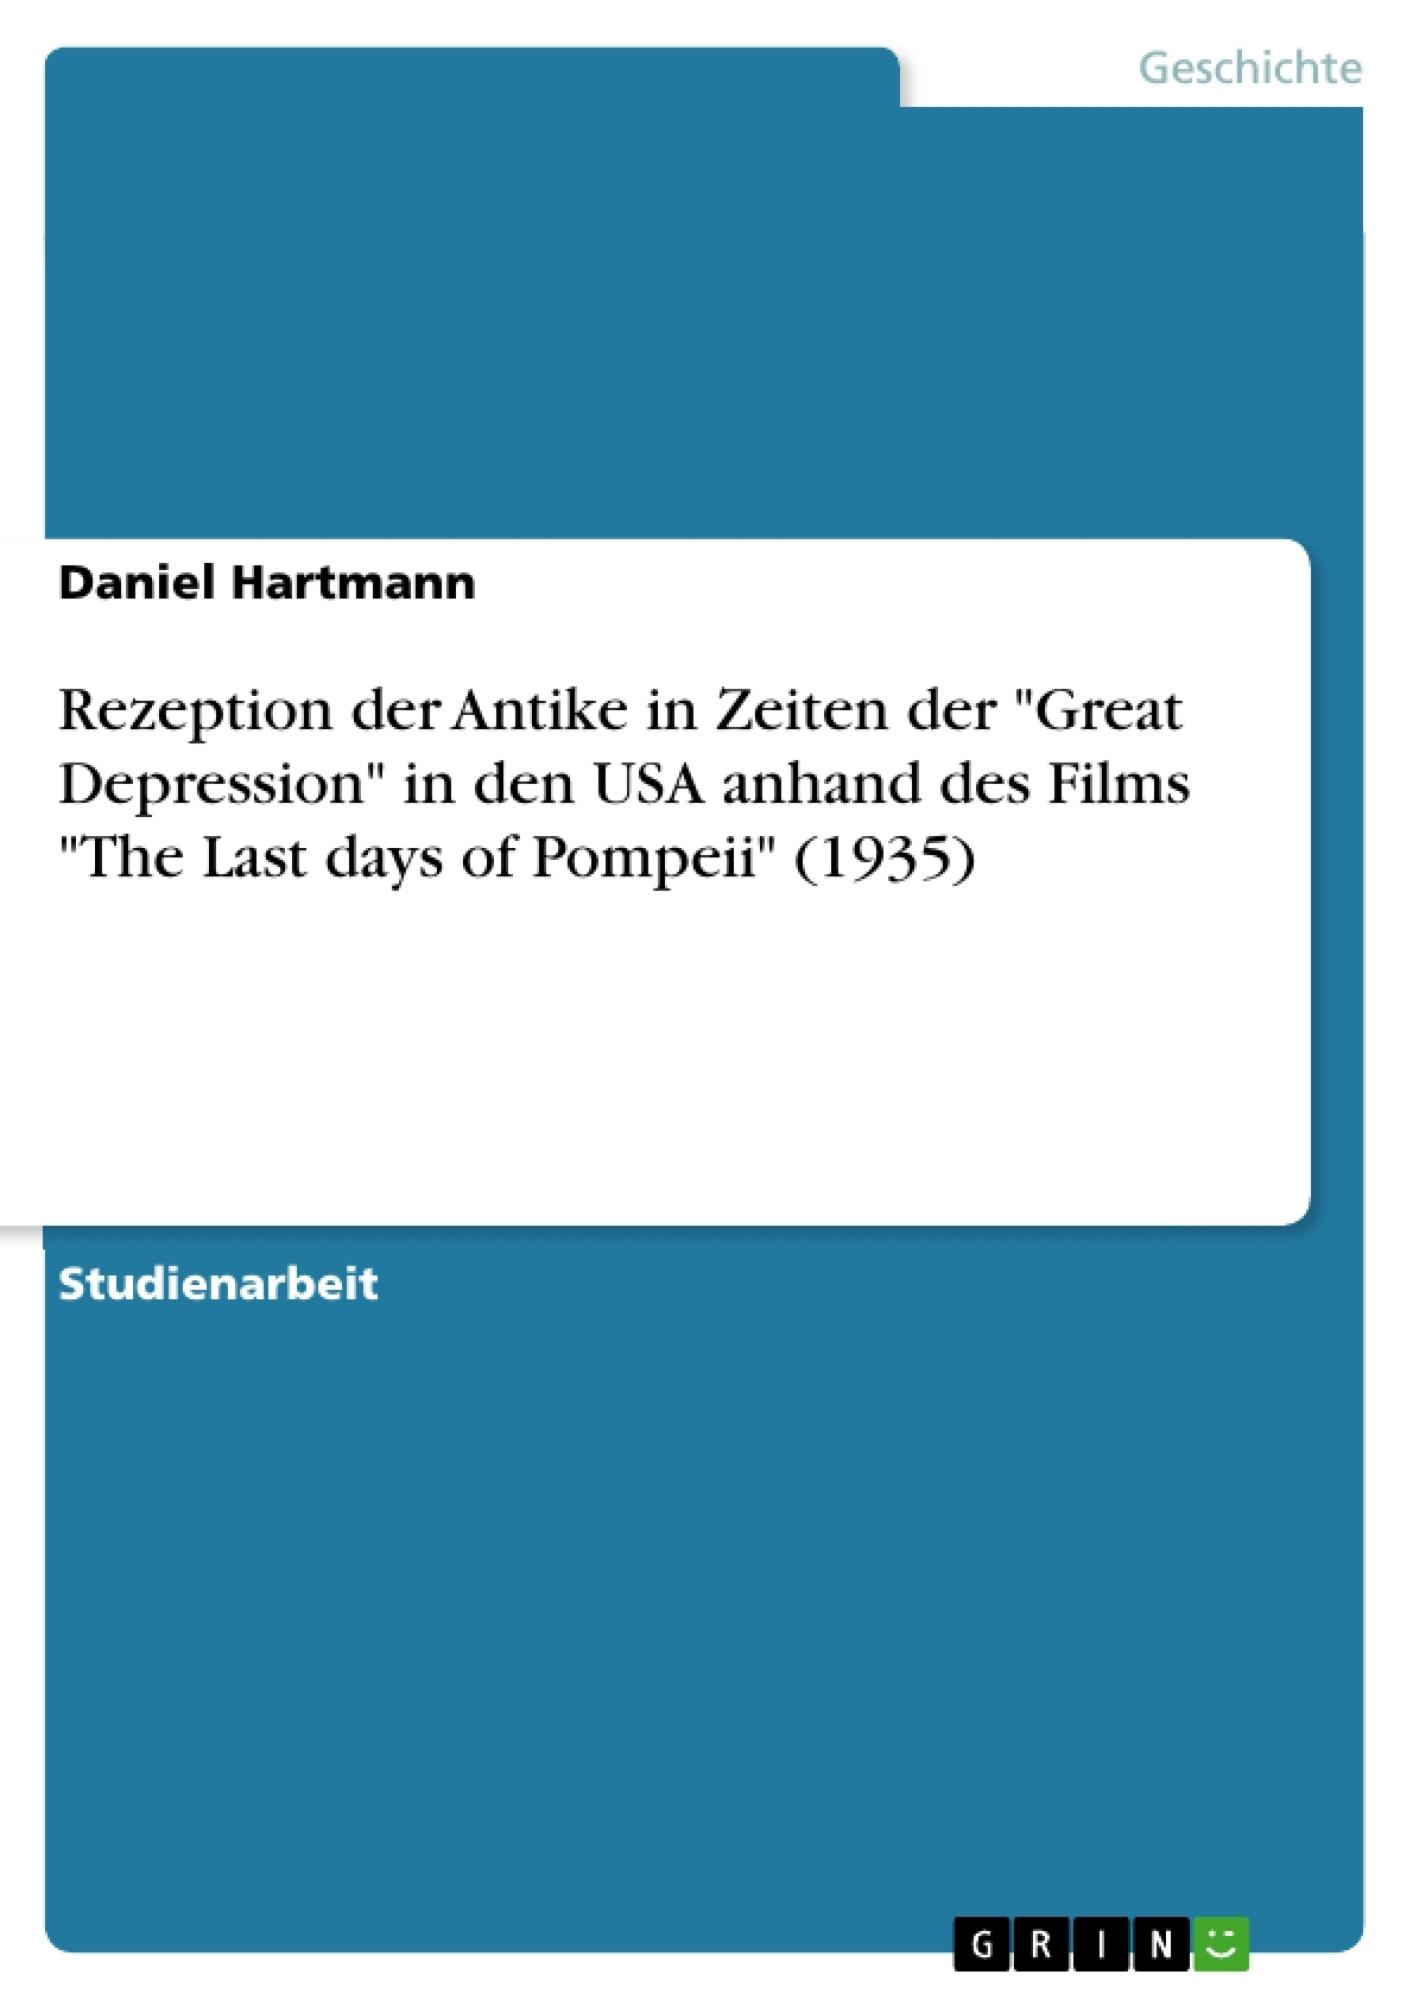 """Titel: Rezeption der Antike in Zeiten der """"Great Depression"""" in den USA anhand des Films """"The Last days of Pompeii"""" (1935)"""